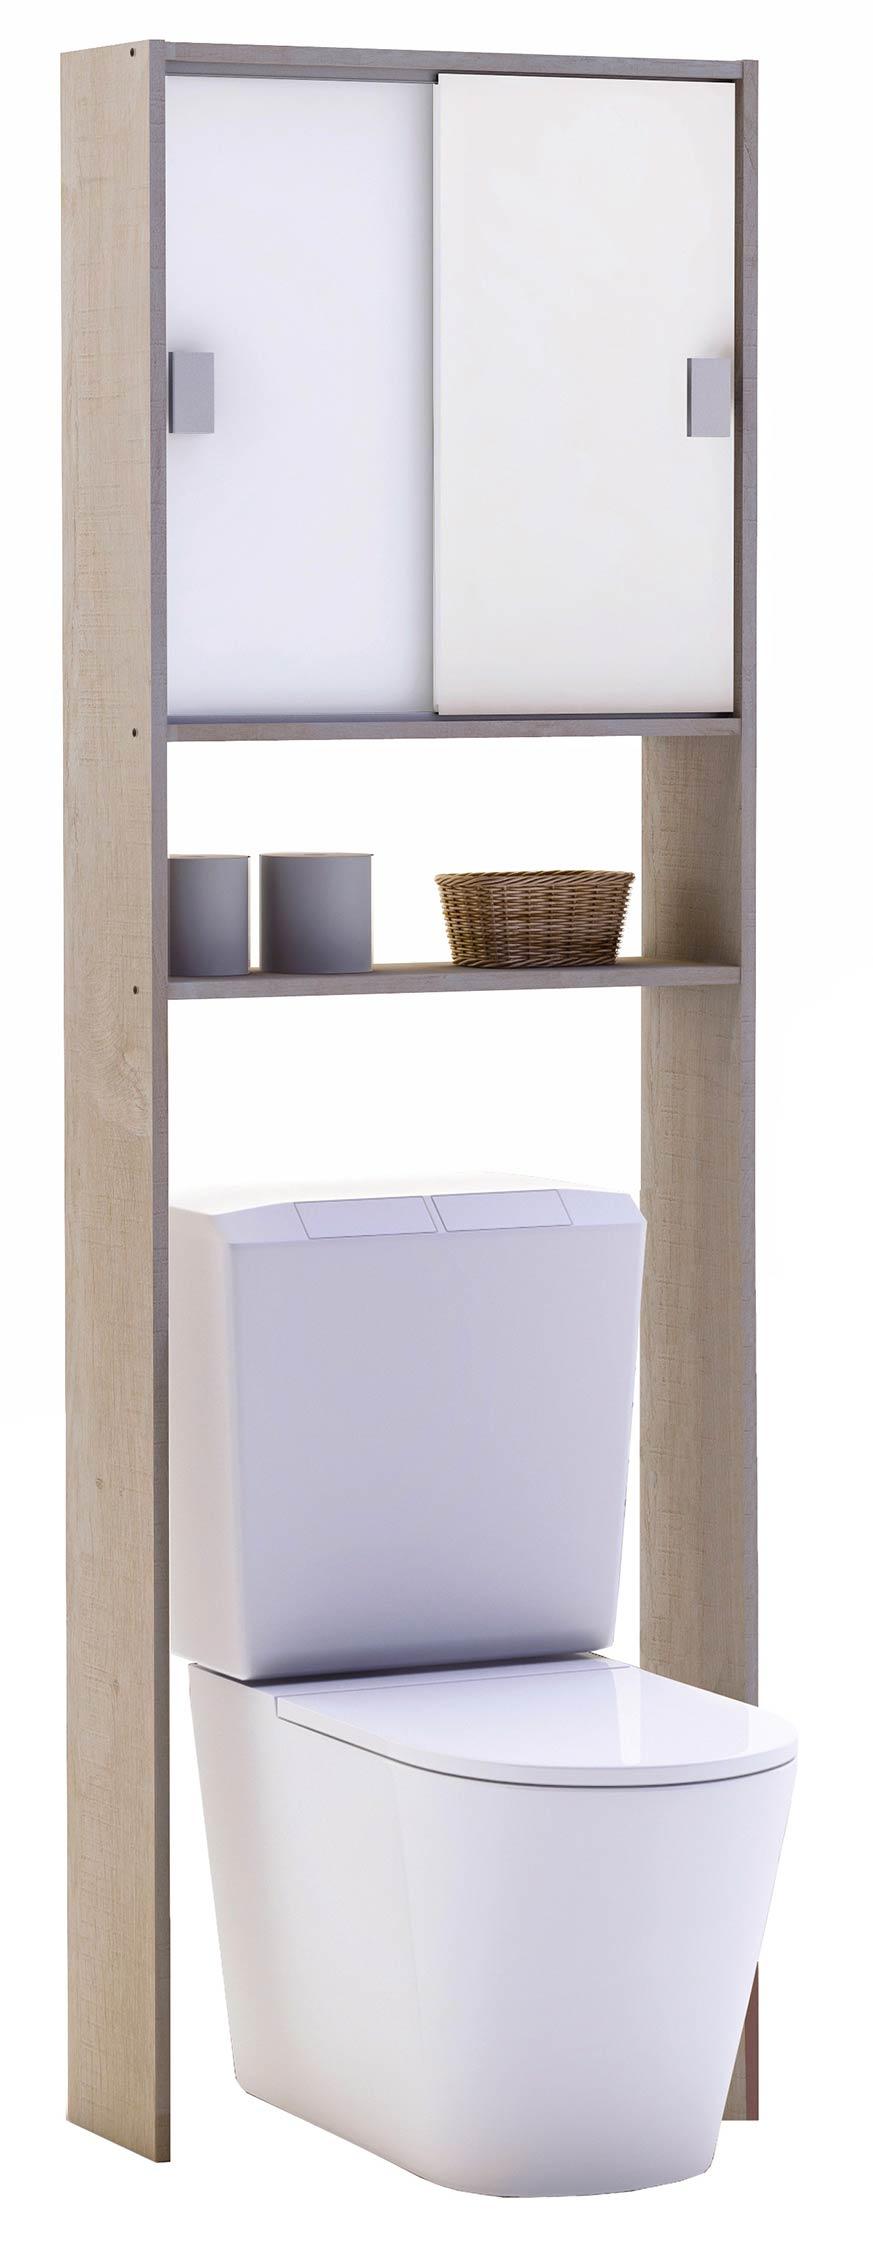 Baños pequeños modernos y funcionales: Muebles - Blog MiroyTengo